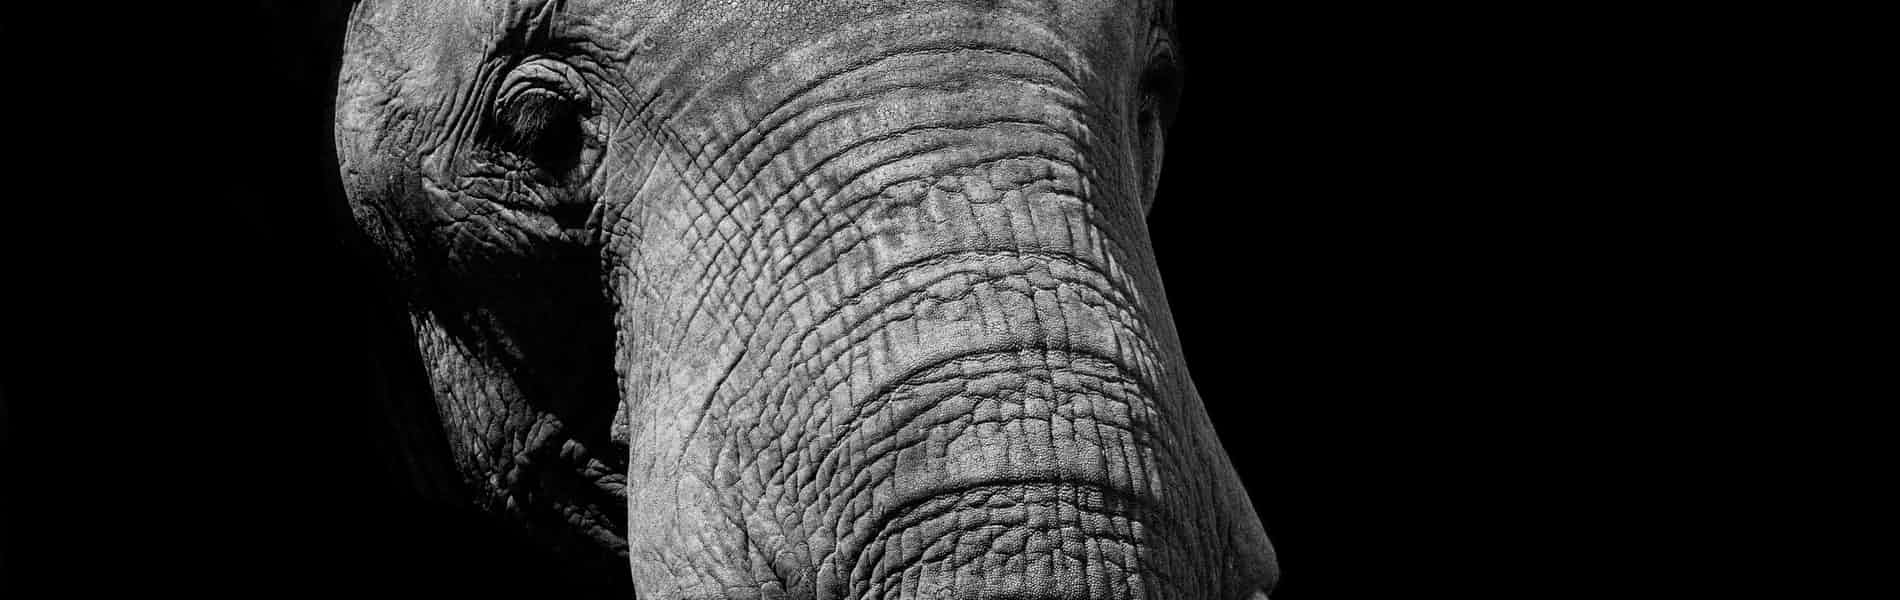 למשש את הפיל: נקודות עיוורות של מטפלים בגישה הפסיכואנליטית /